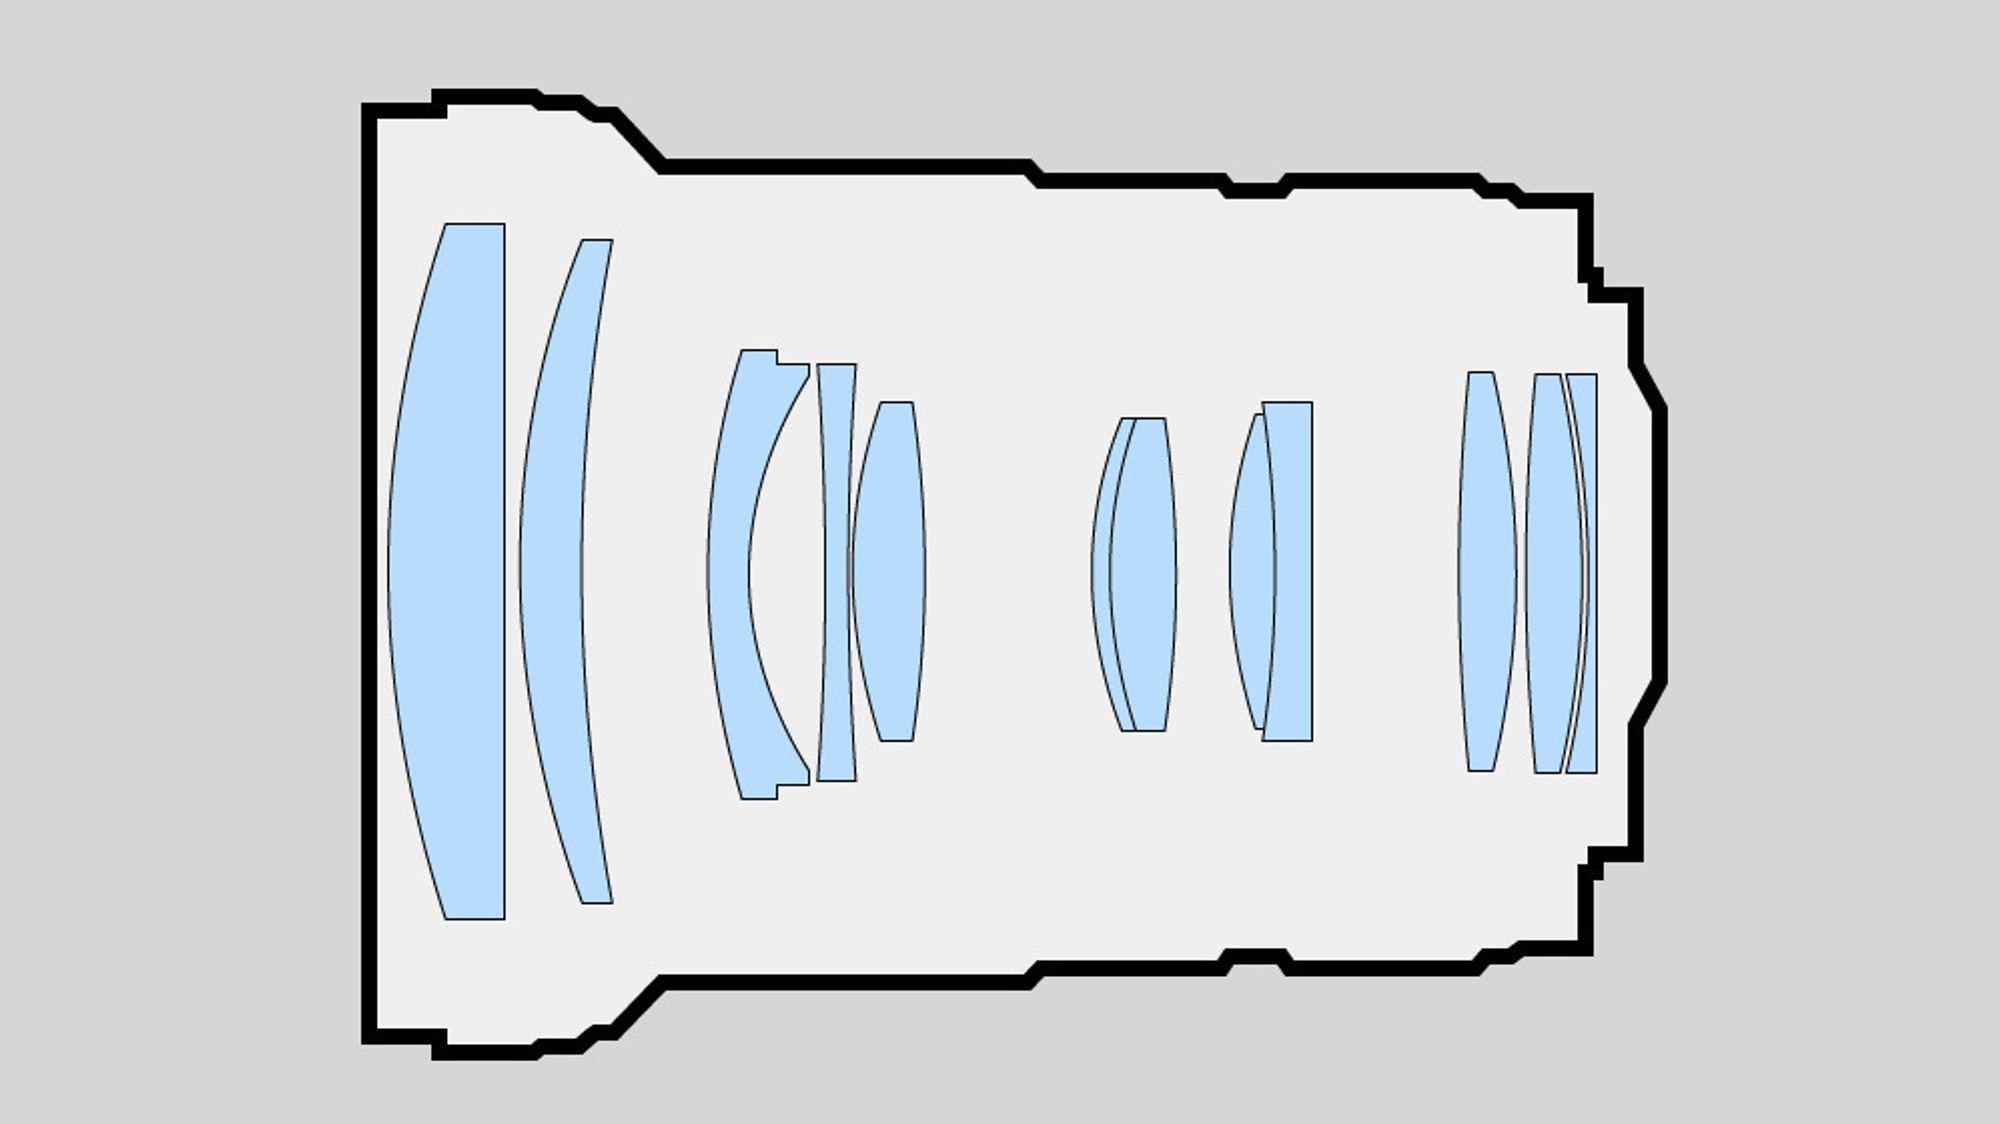 Slik kan linseelementene se ut inne i et objektiv. Dette er kun ment som en illustrasjon.